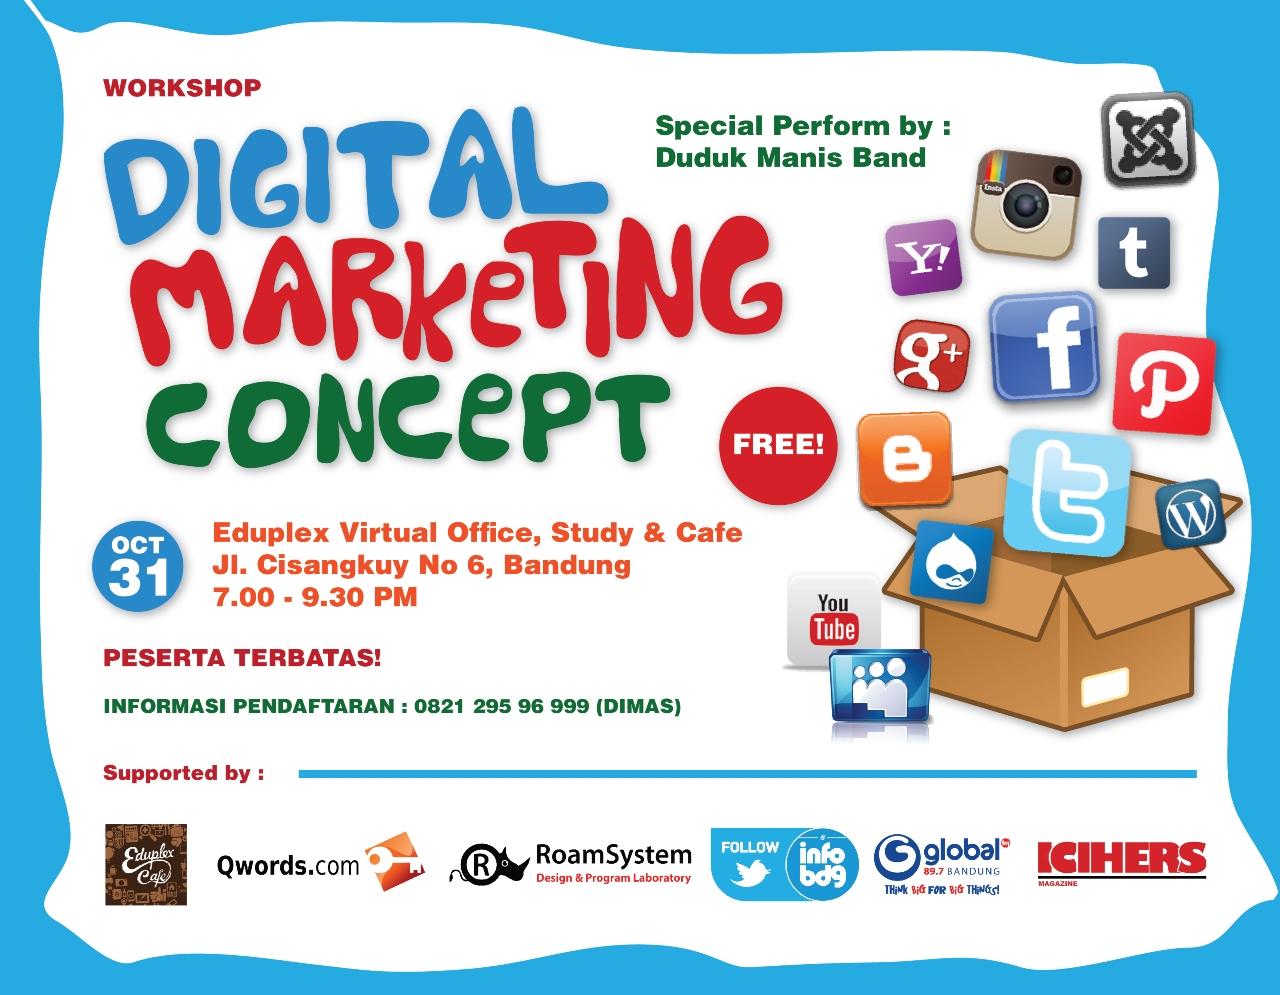 Workshop Digital Marketing Concept